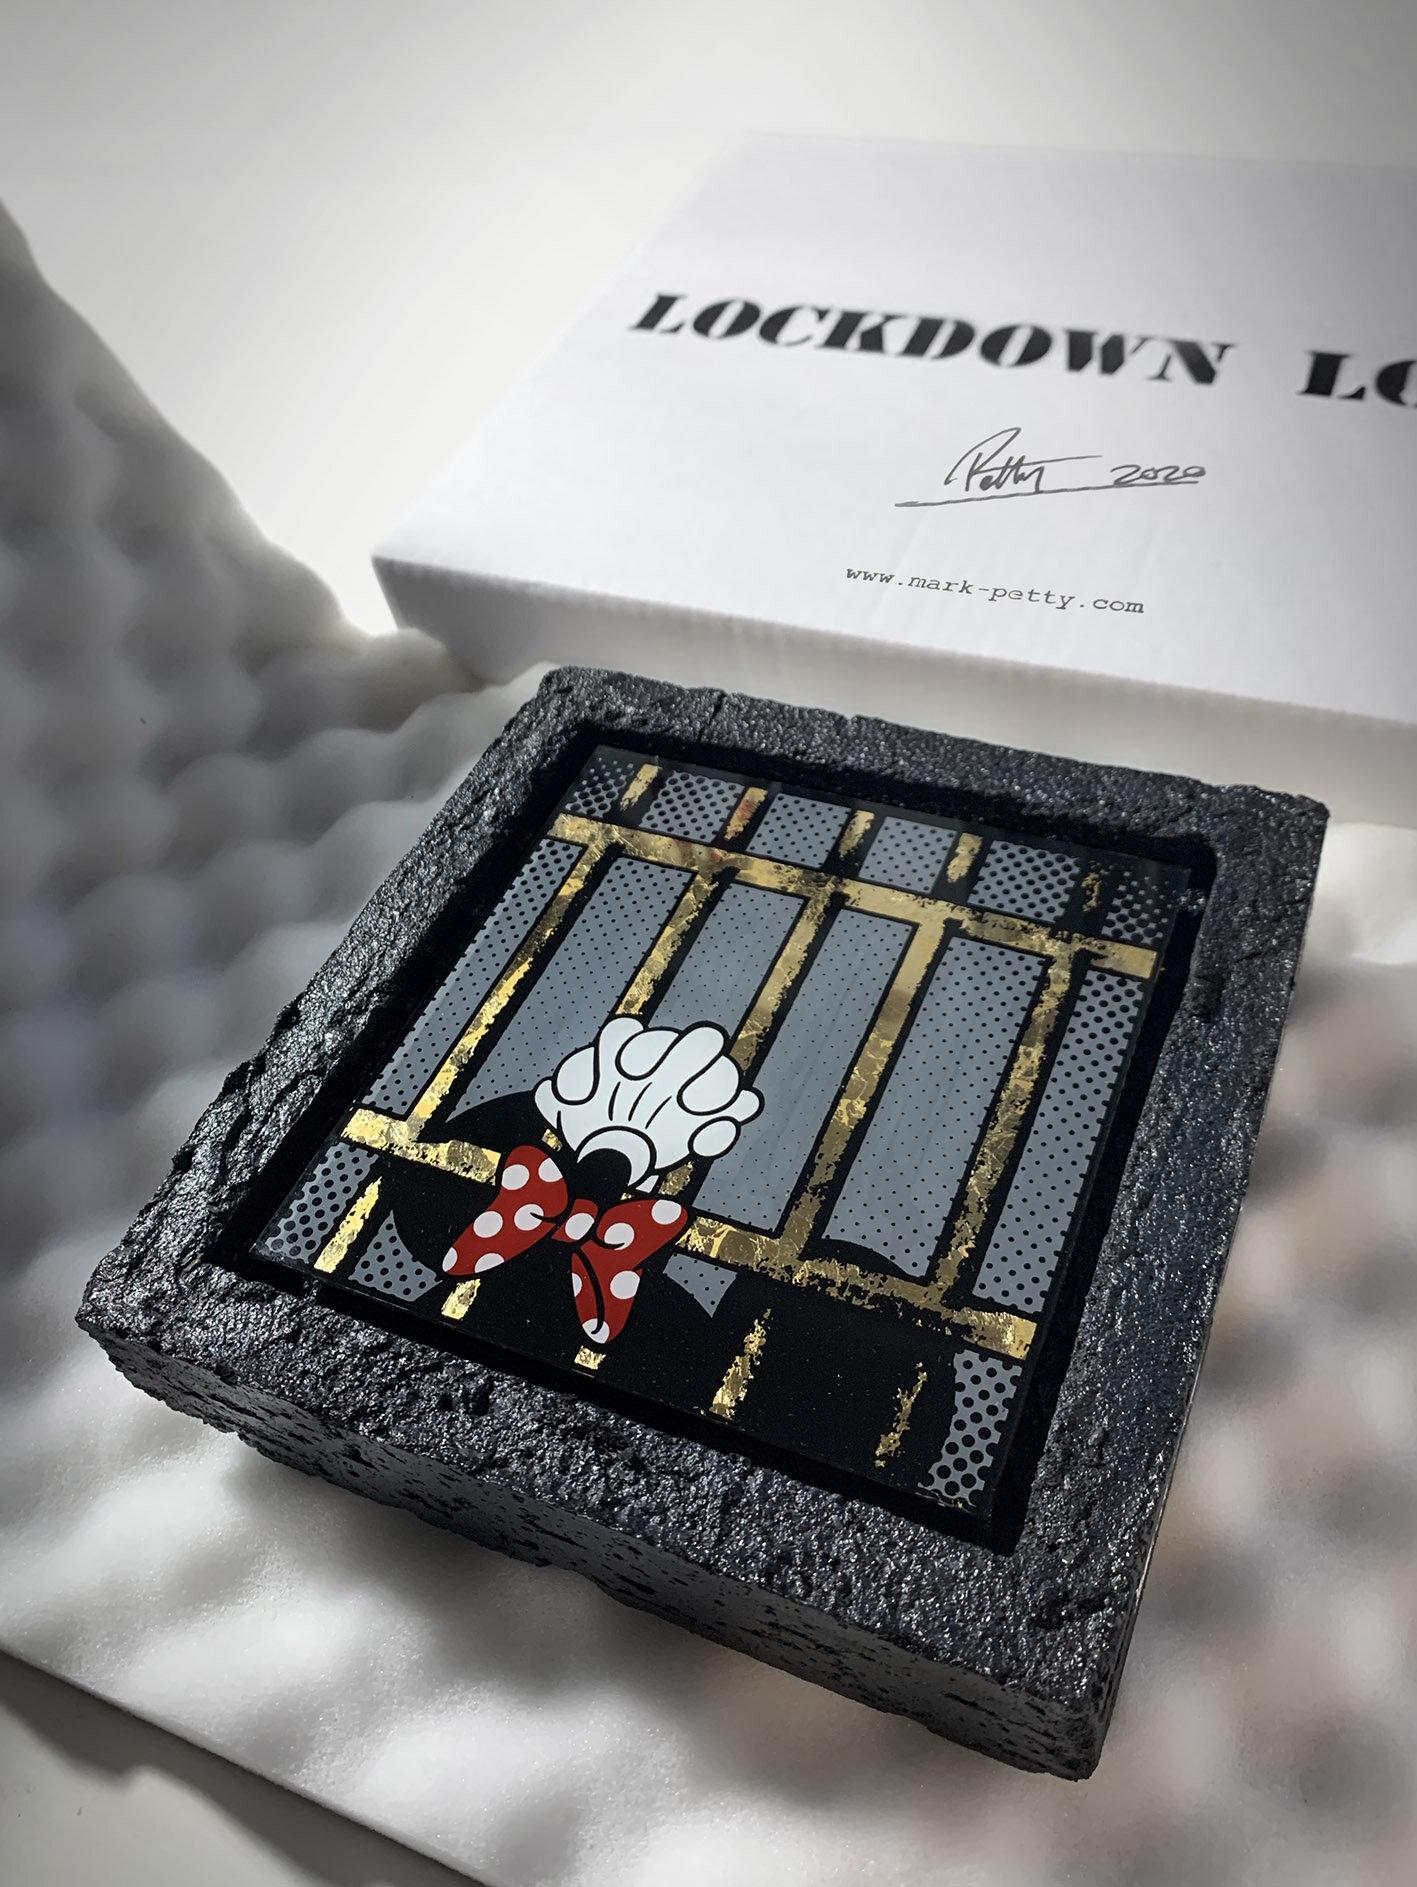 Lockdown+love+blk+pack+m